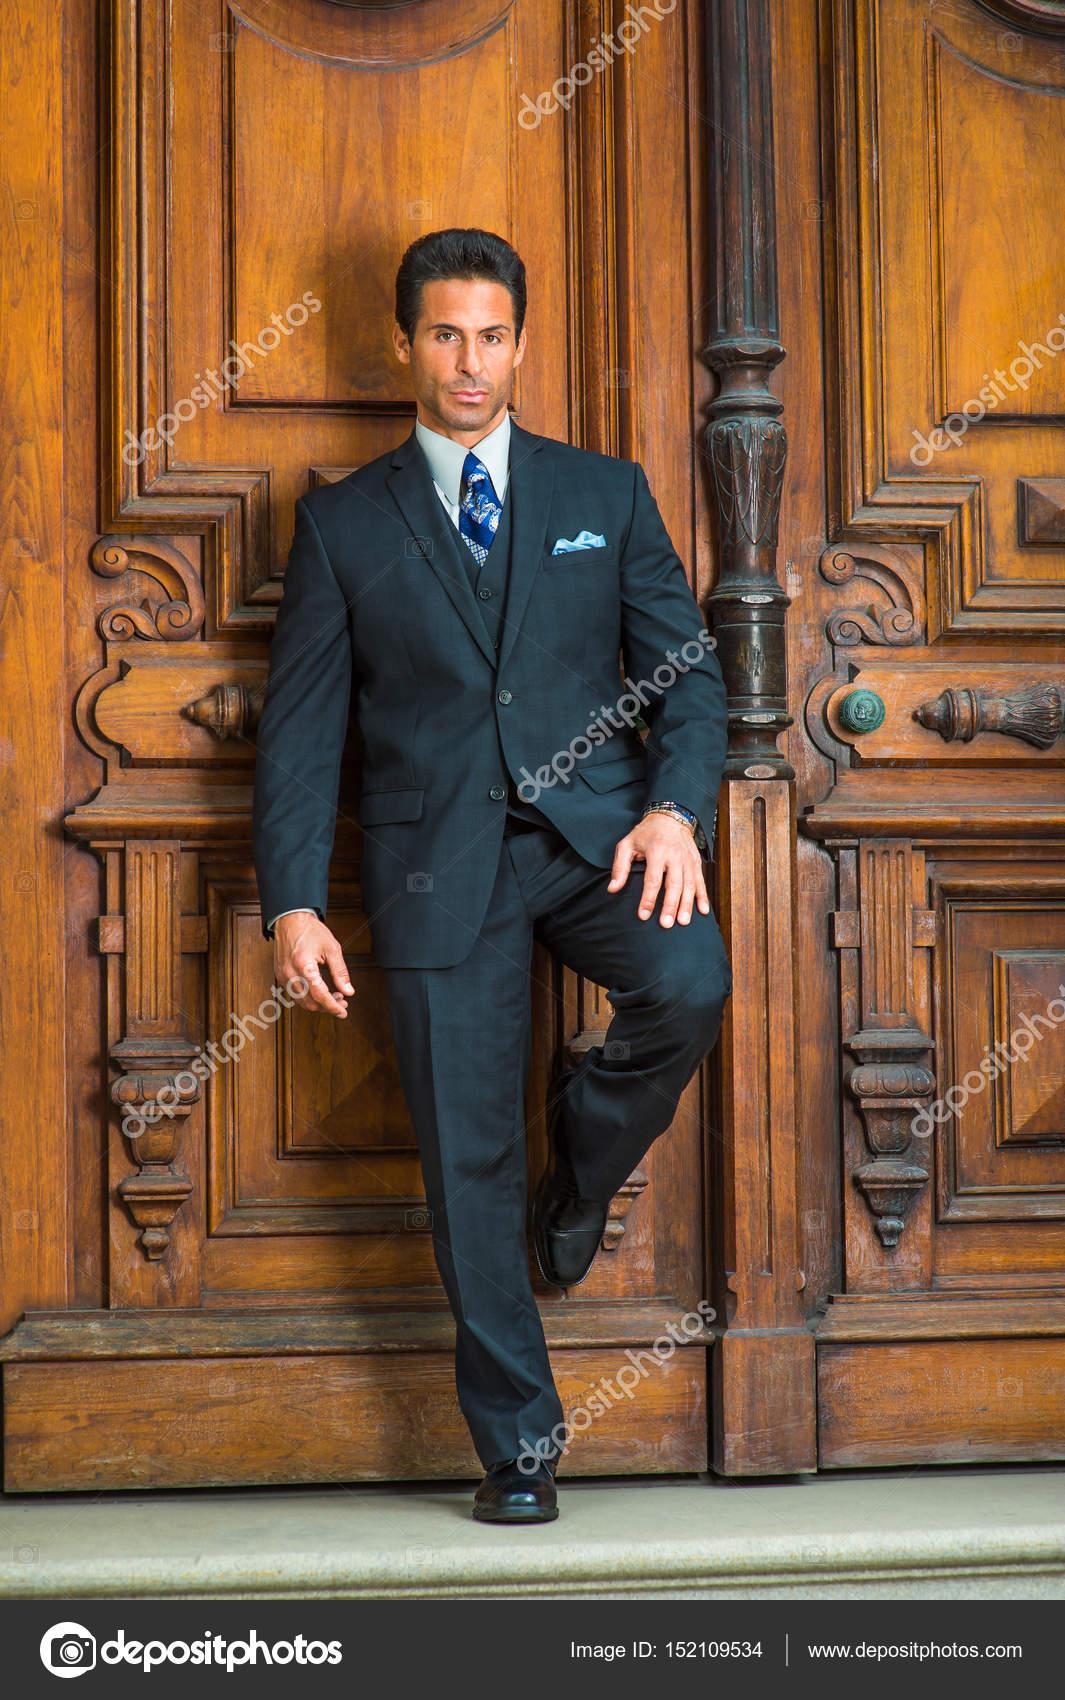 ニューヨークでハンサムなアメリカ中年ビジネスマンの肖像画 \u2014 ストック写真